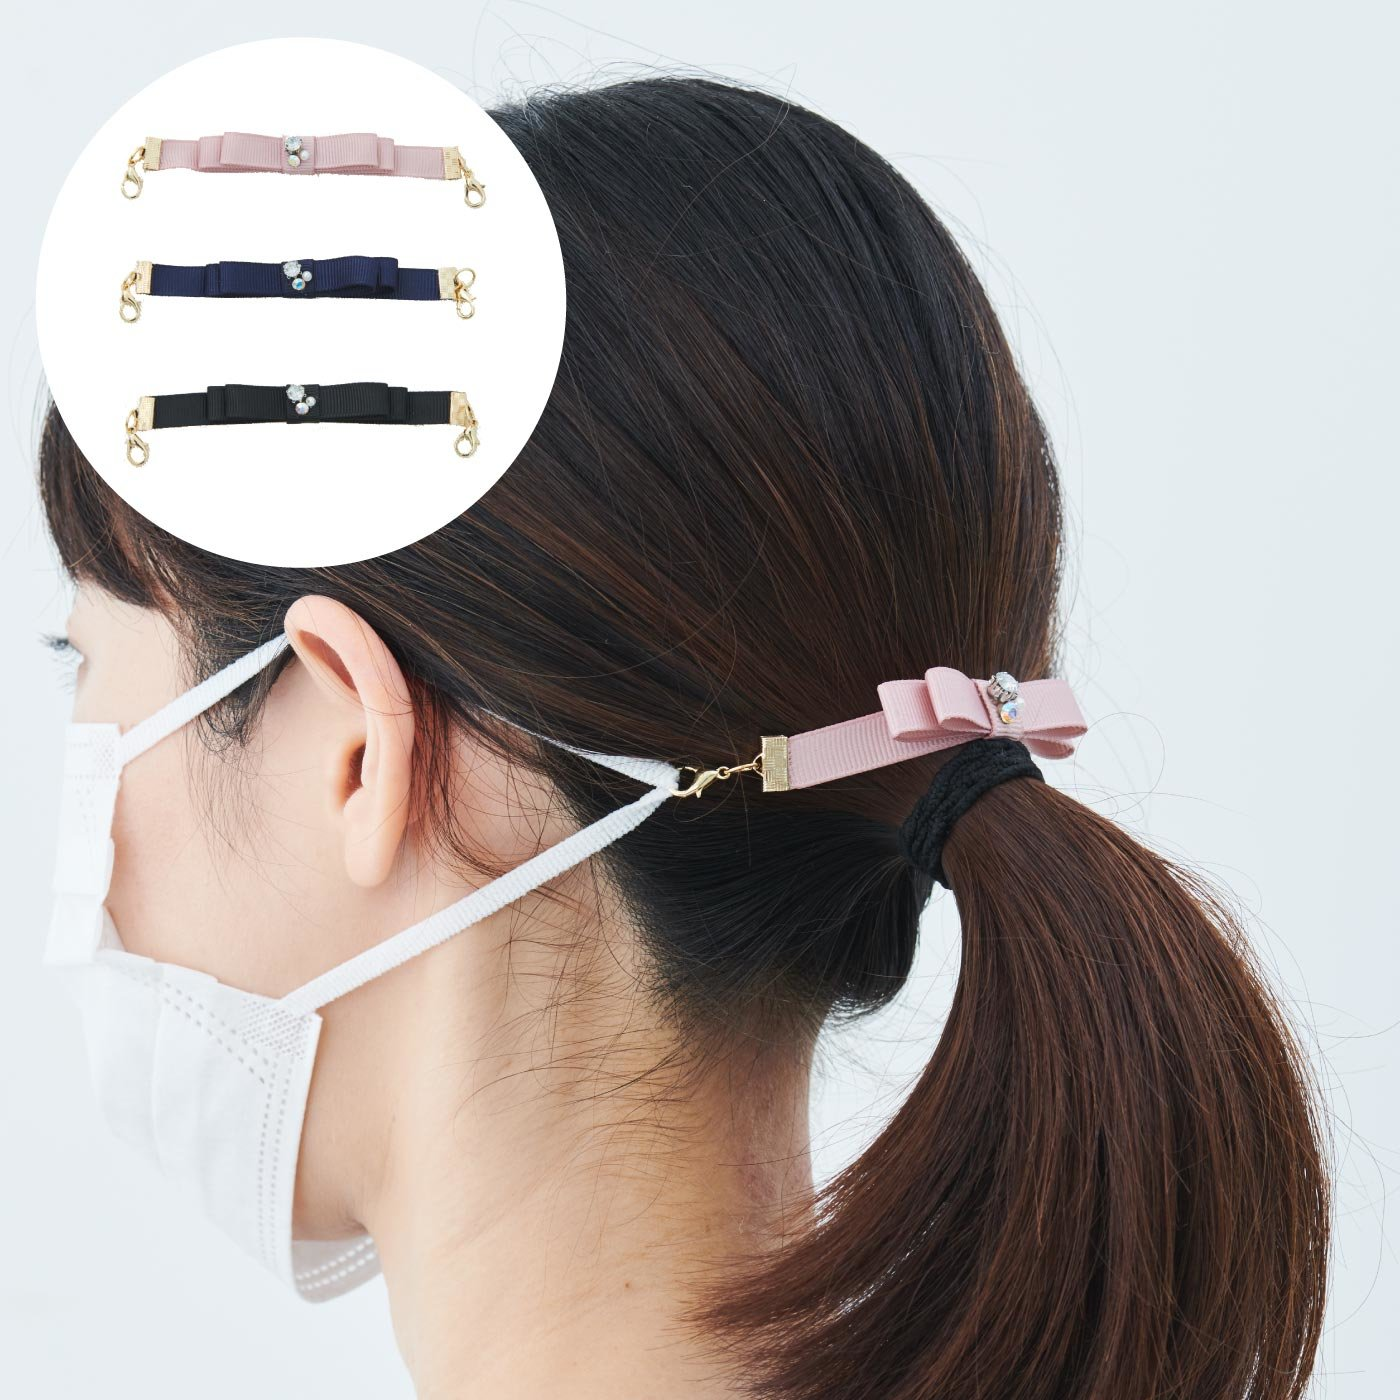 【WEB限定】IEDIT[イディット] マスクゴムの耳の痛みにサヨナラ! ヘアアクセのように自然につけられるグログランリボンのマスクストラップ